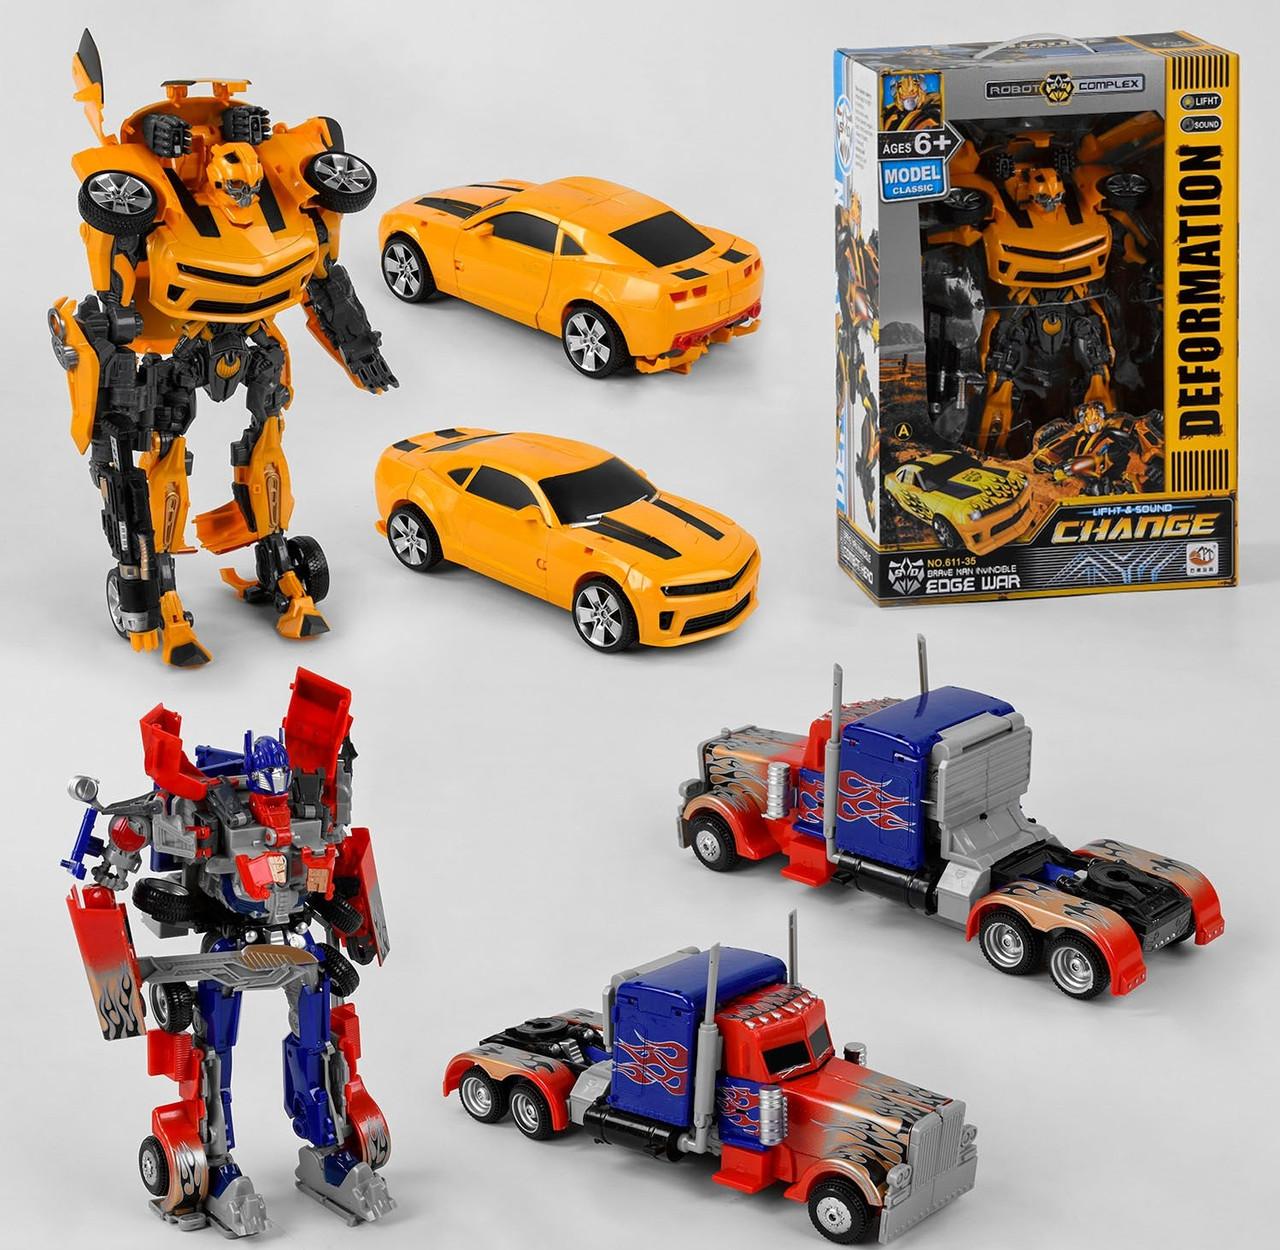 Игровой набор роботов-трансформеров со световыми и звуковыми эффектами 611-35, работает от батареек (2 вида)